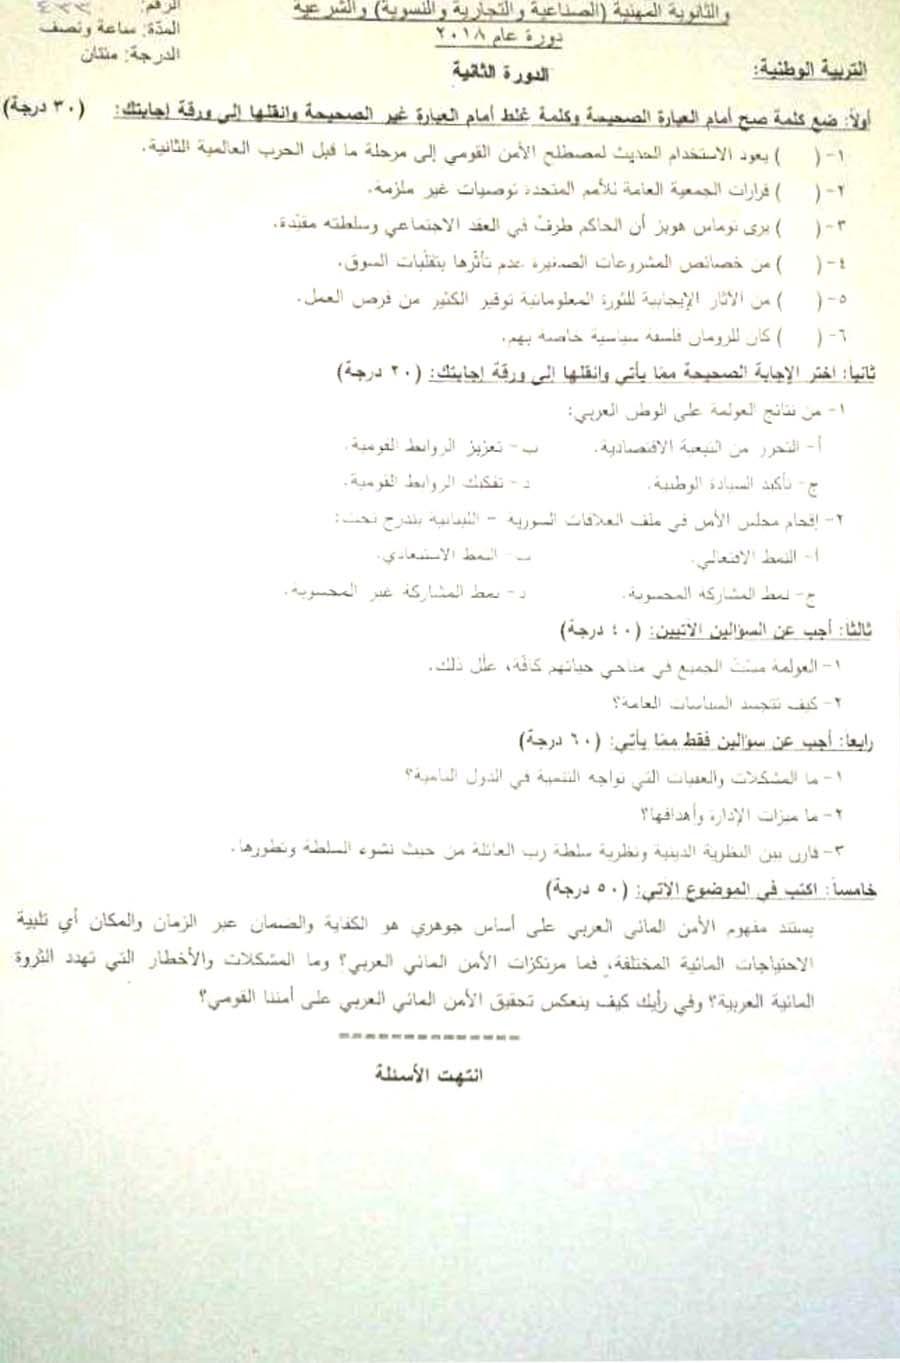 ورقة اسئلة الوطنية 2018 الدورة الثانية التكميلية - البكالوريا سوريا